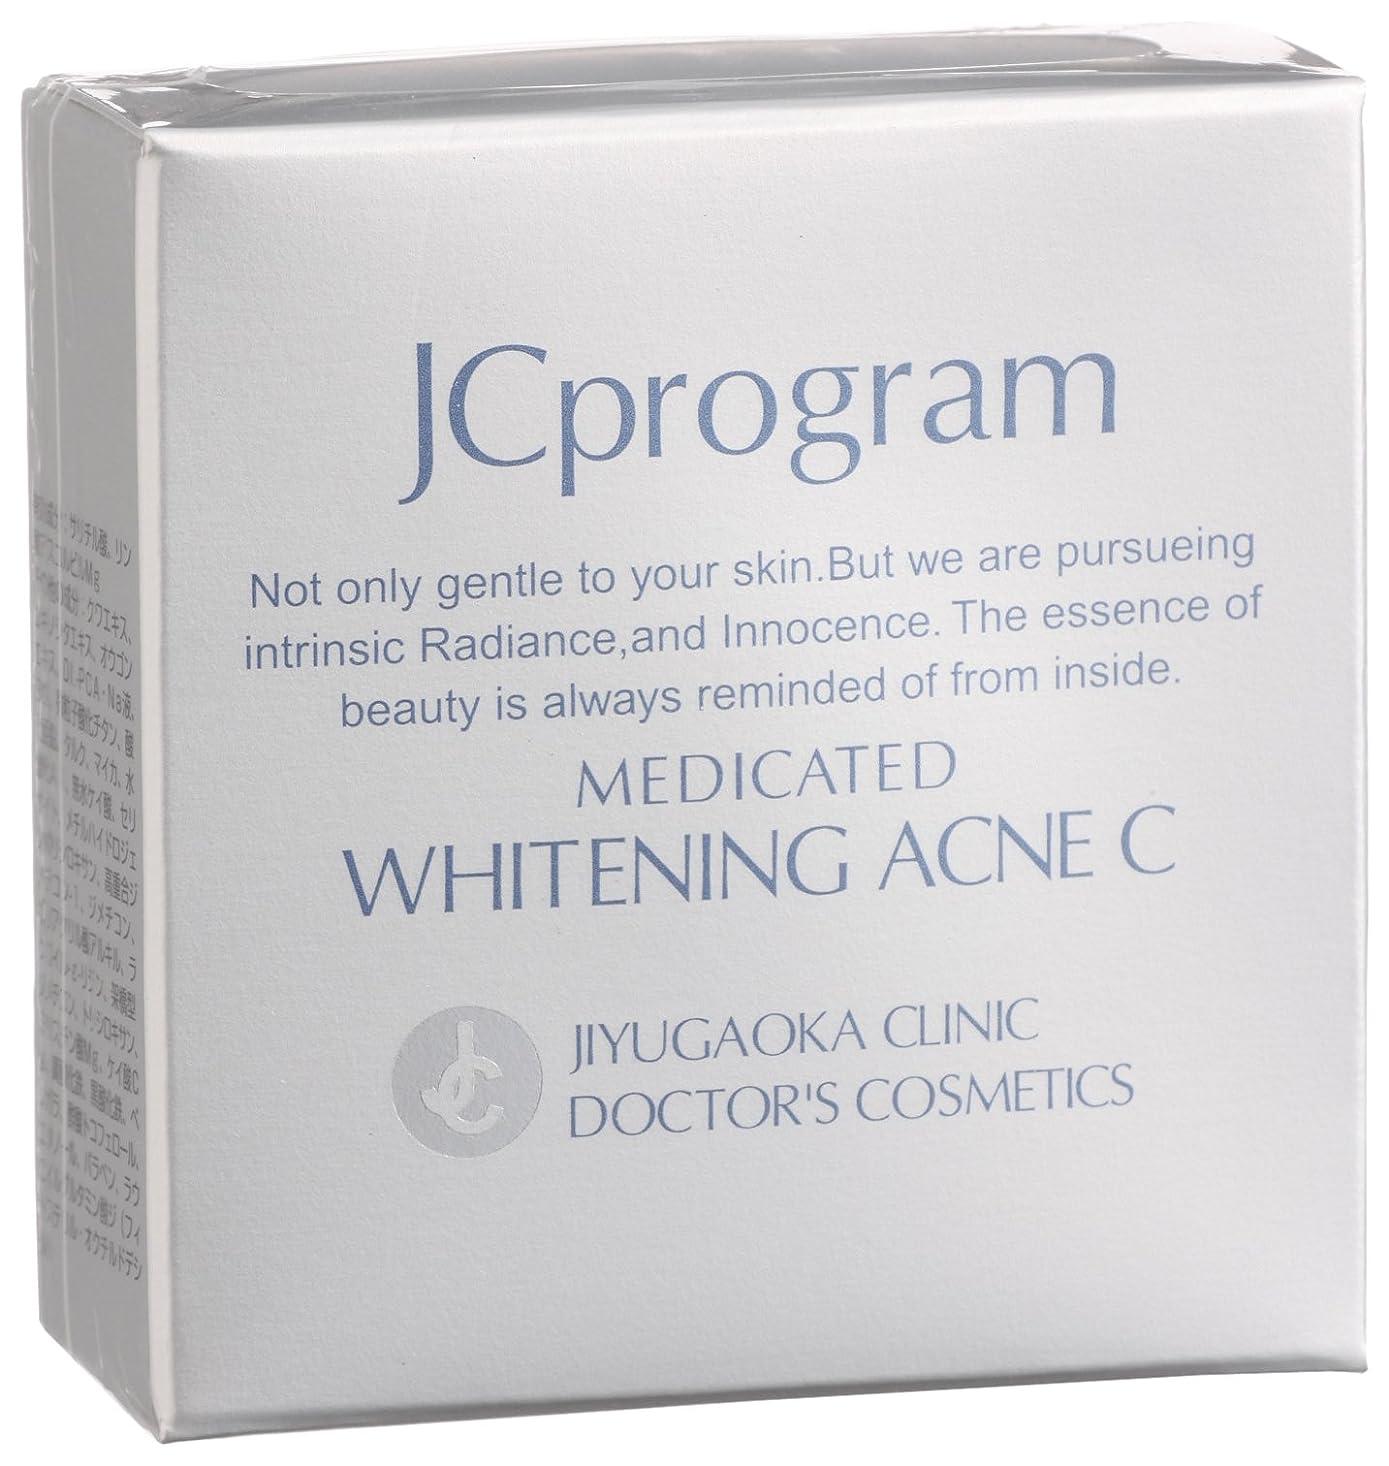 パターンセクタマグJCprogram  薬用ホワイトニングアクネC